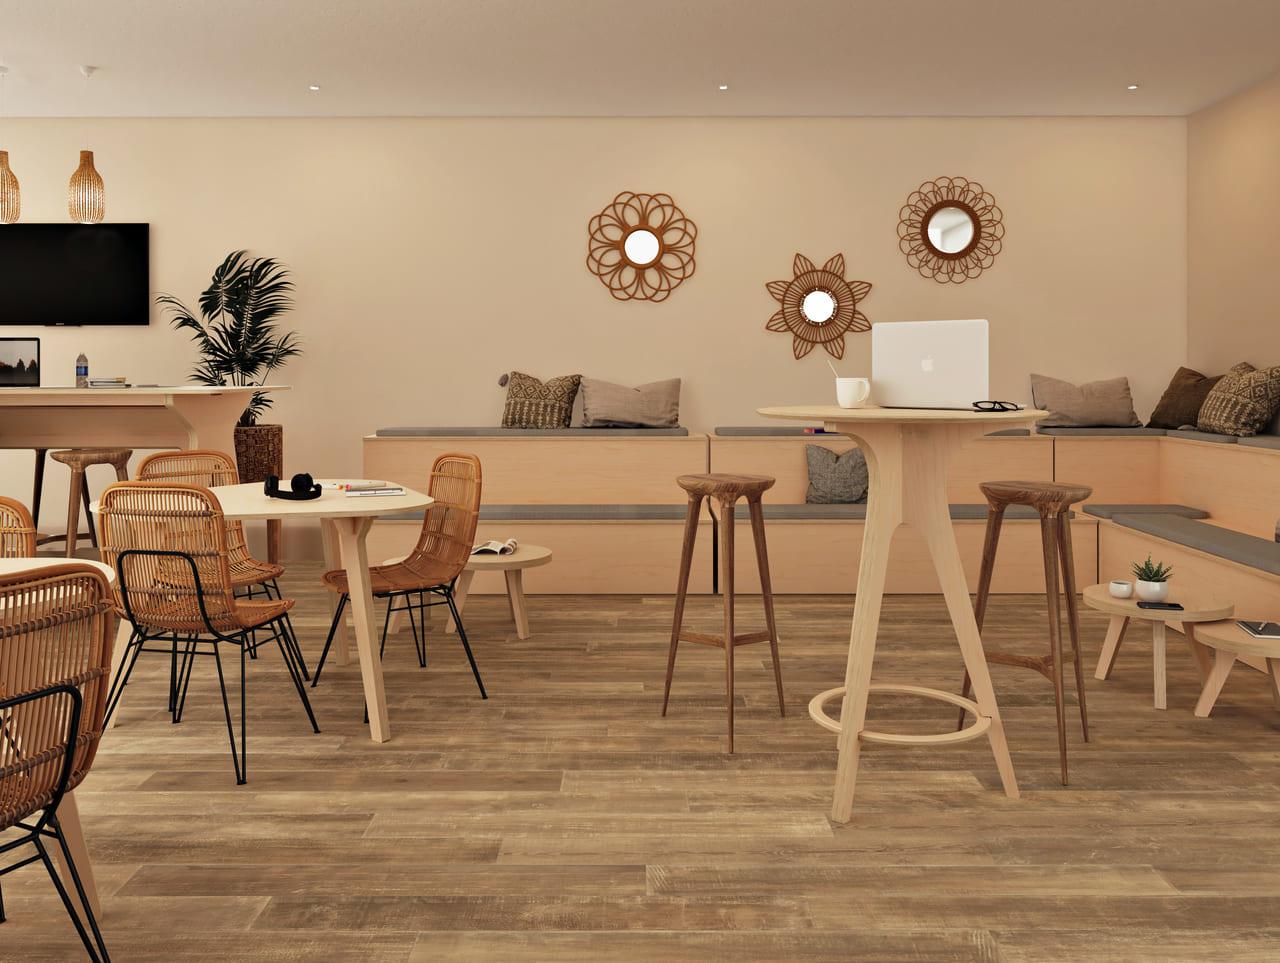 mange debout scandinave pour retrouver son équipe autour d'un café ou durant la pause déjeuner, placé dans une salle de pause au style et ambiance bohème et ethnique avec des meubles en bois, des miroirs de couleur dorée et des plantes vertes